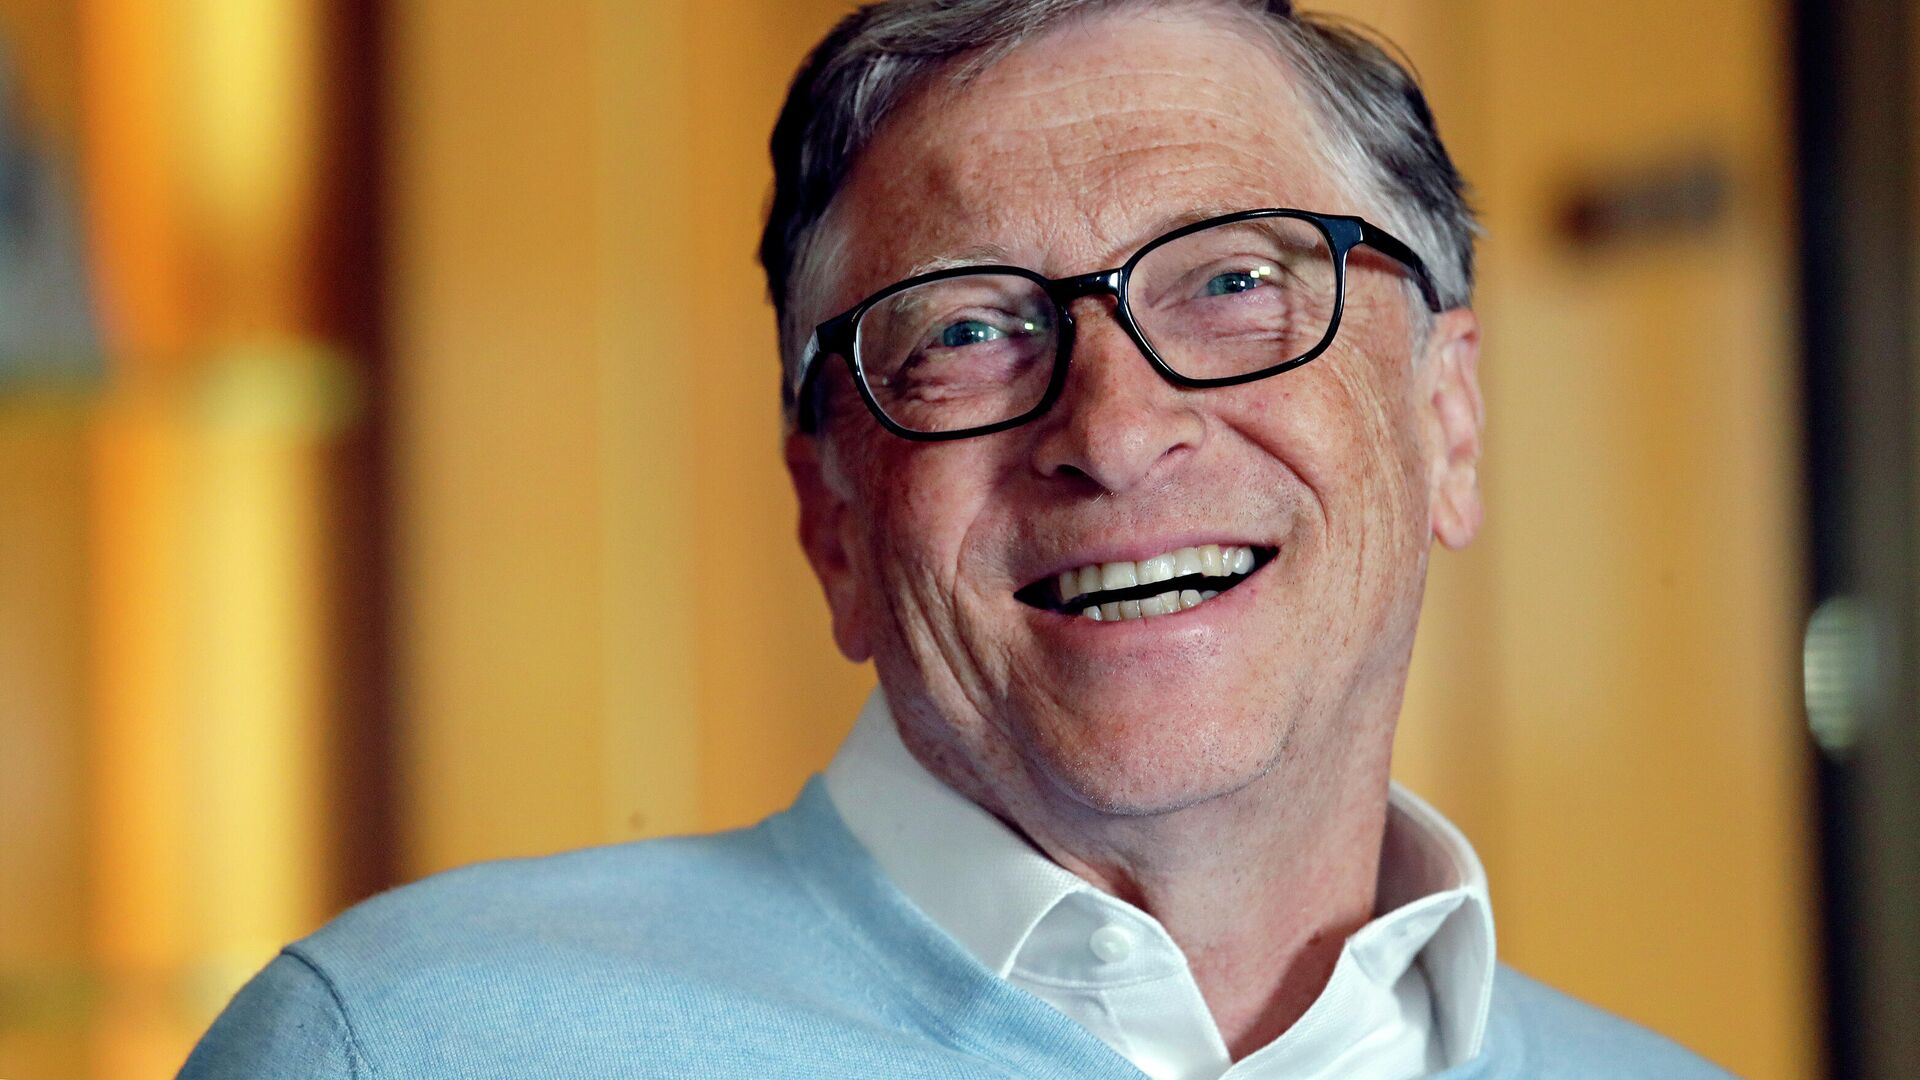 Bill Gates, multimillonario estadounidense y cofundador de Microsoft  - Sputnik Mundo, 1920, 16.02.2021